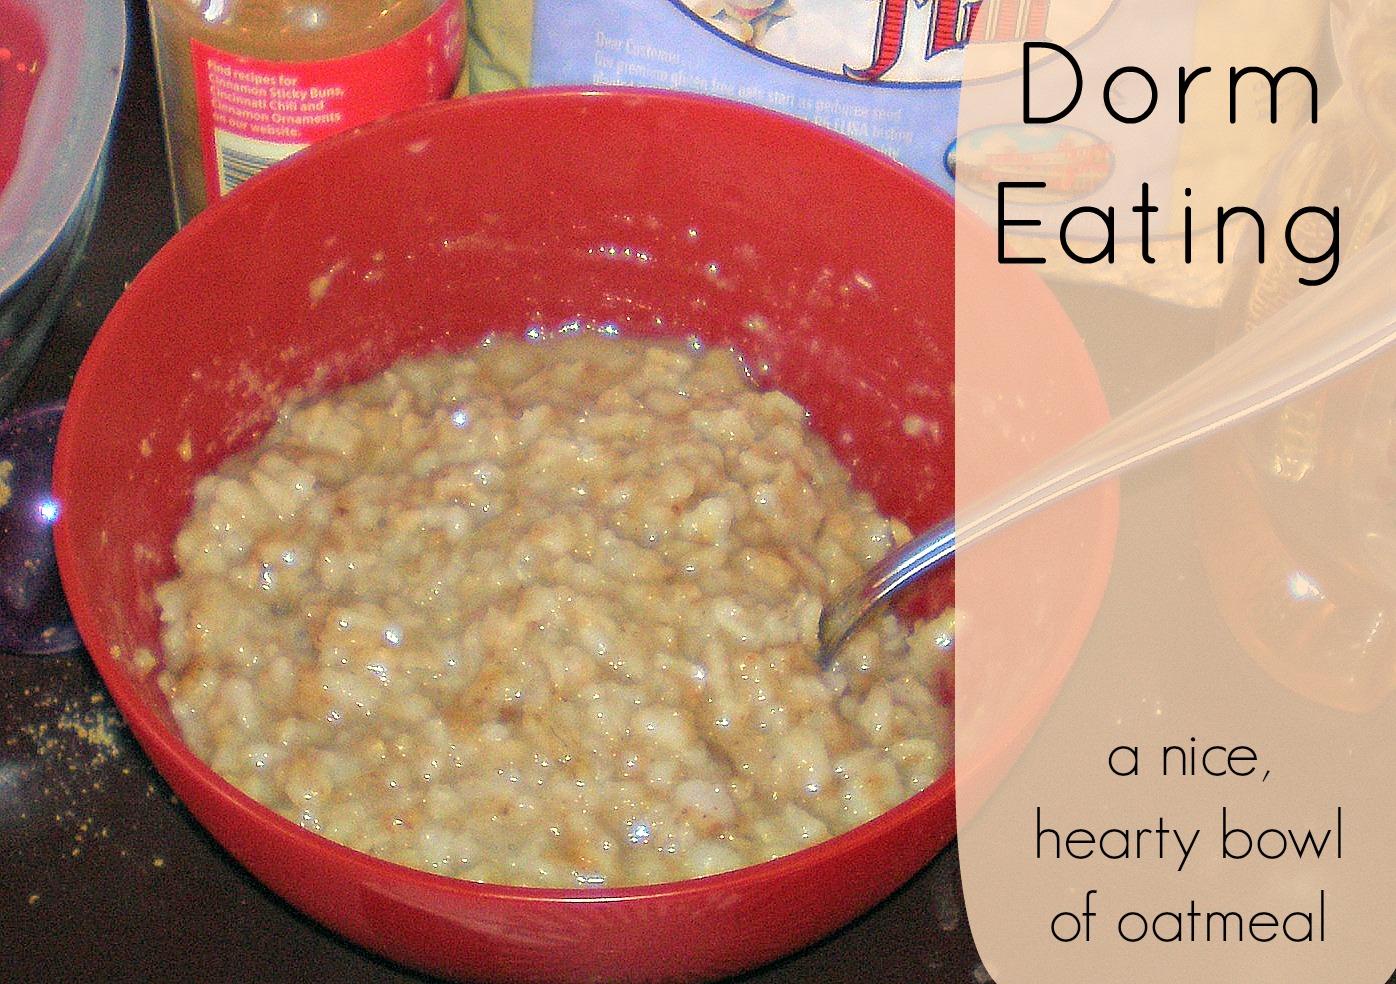 Dorm Eating: Oatmeal